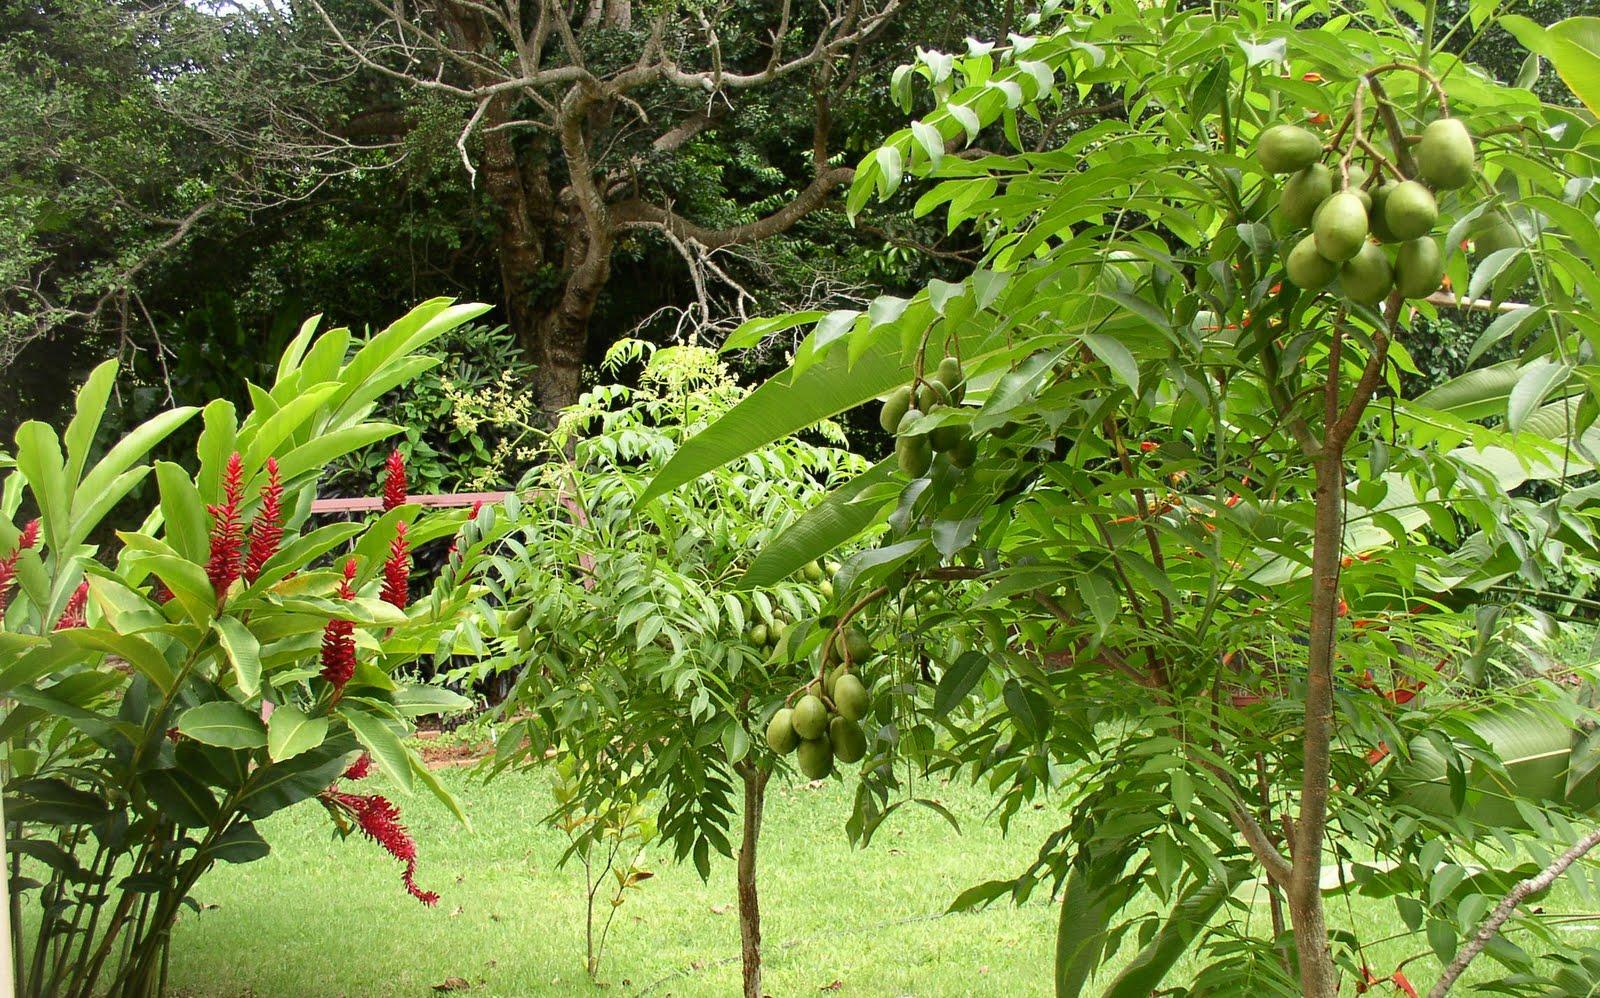 Rboles frutales en tu jard n agrochic gardening content for Arboles de jardin fotos